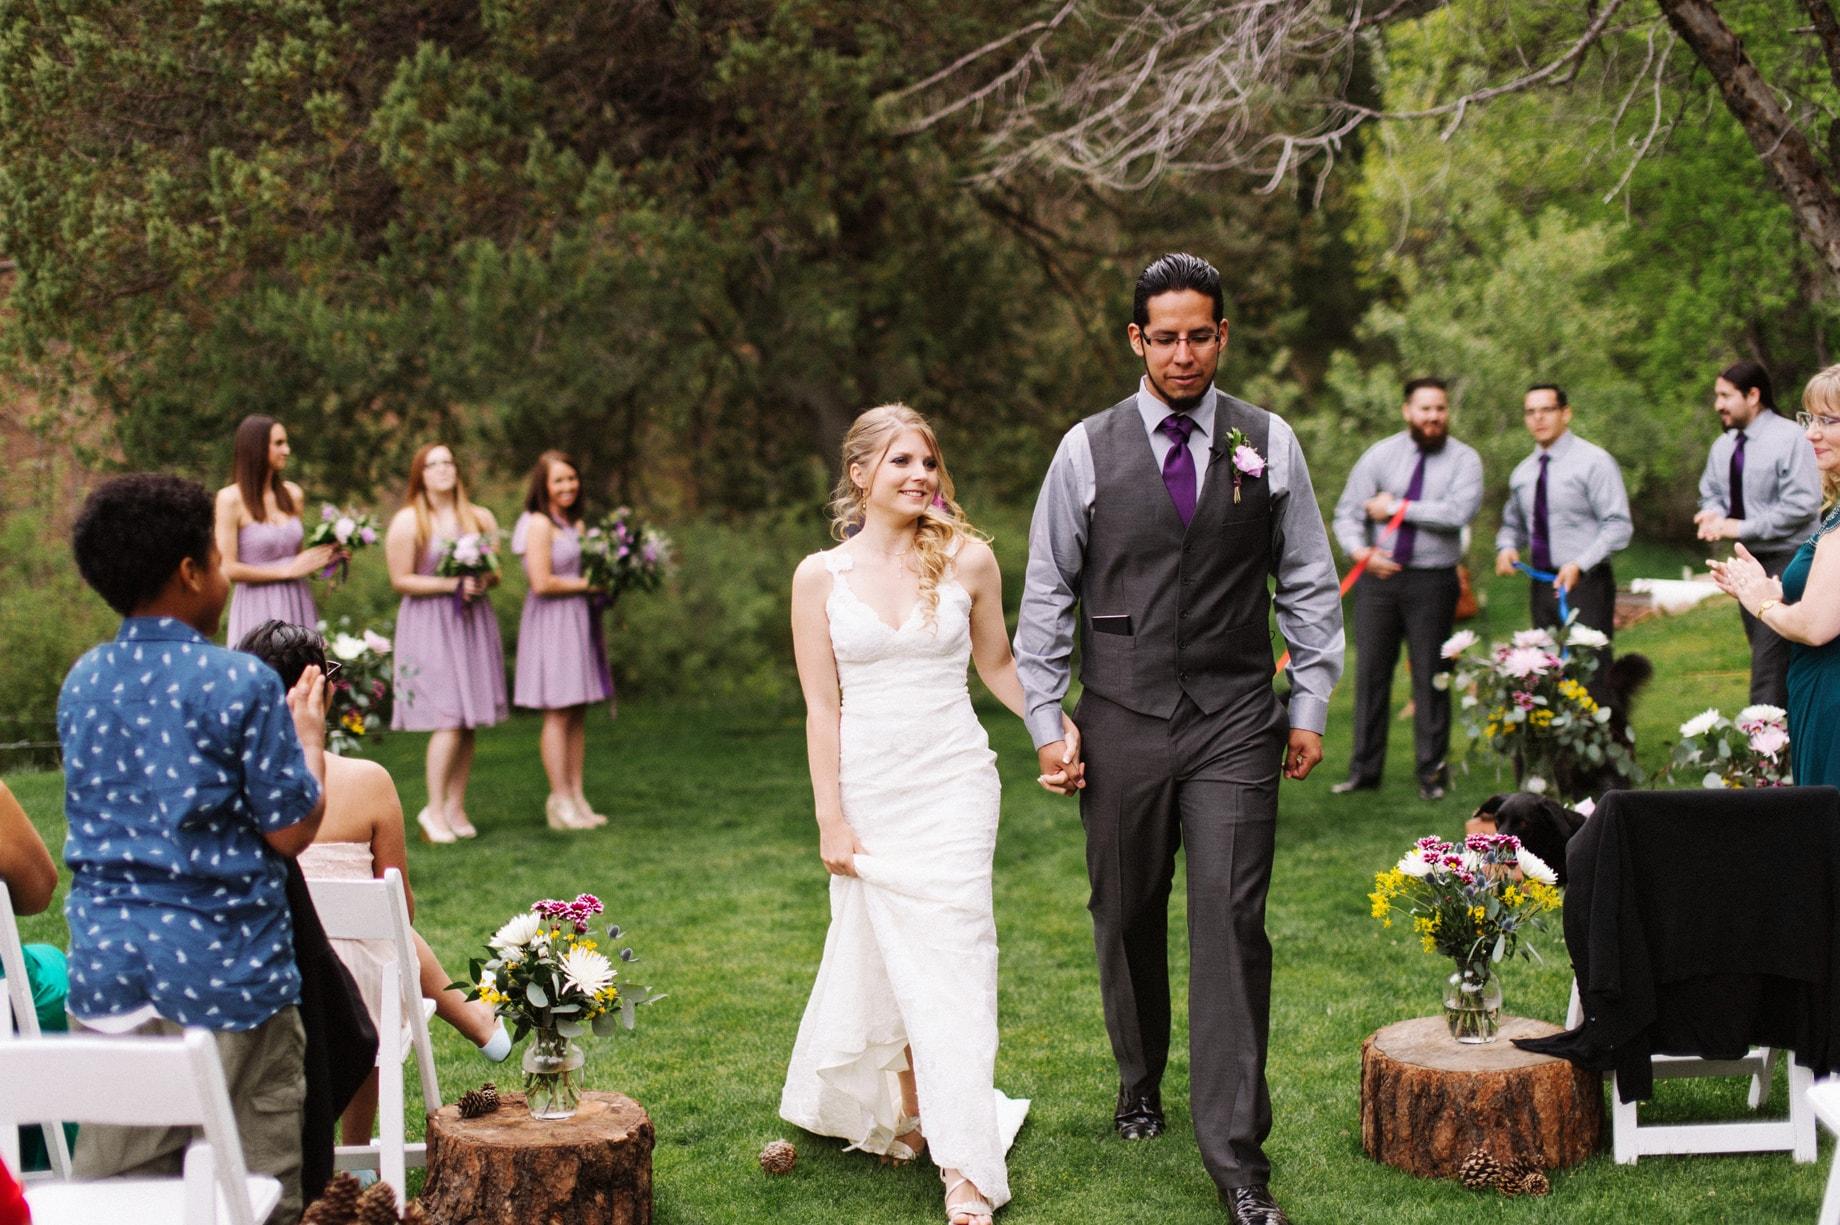 outdoor wedding ceremony at tonto creek camp